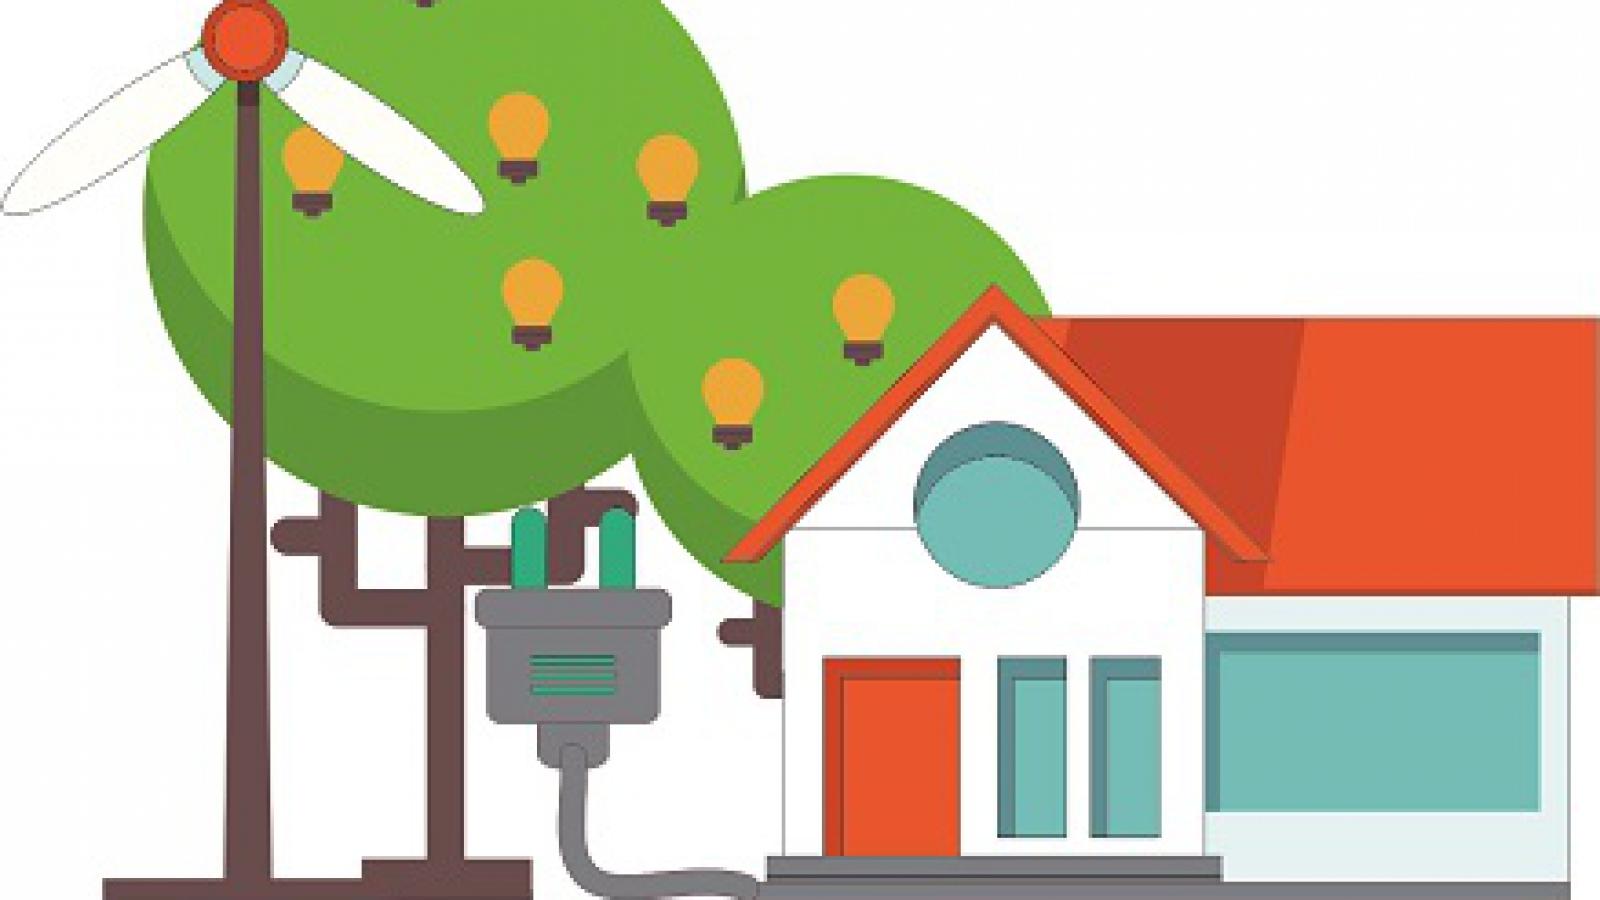 Eco-eficient-pt-site-1